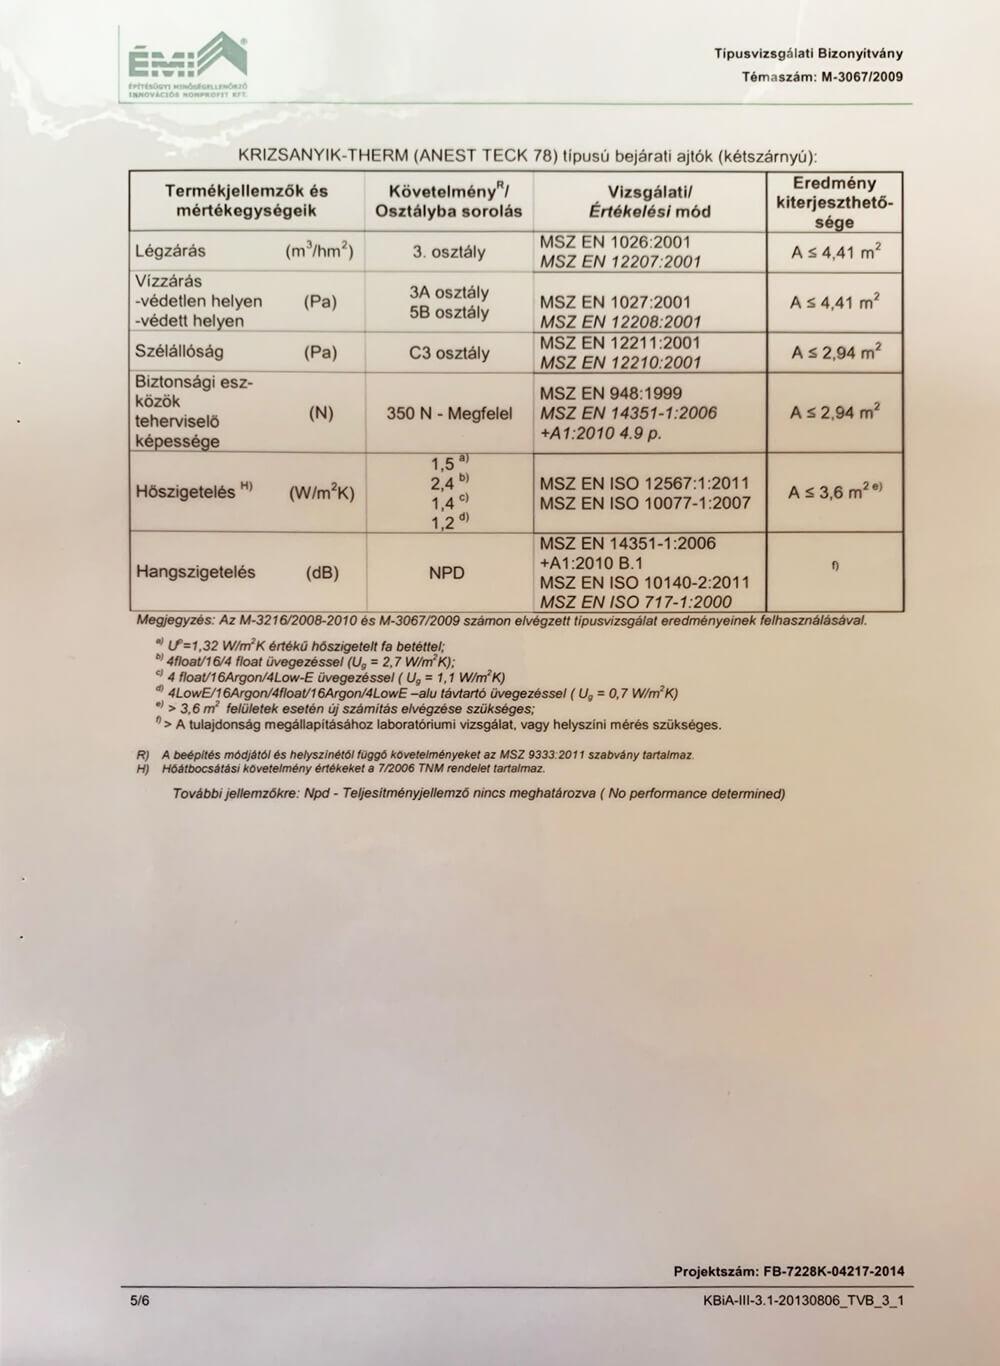 tvb-tipusvizsgalati-bizonyitvany-m-3067-05